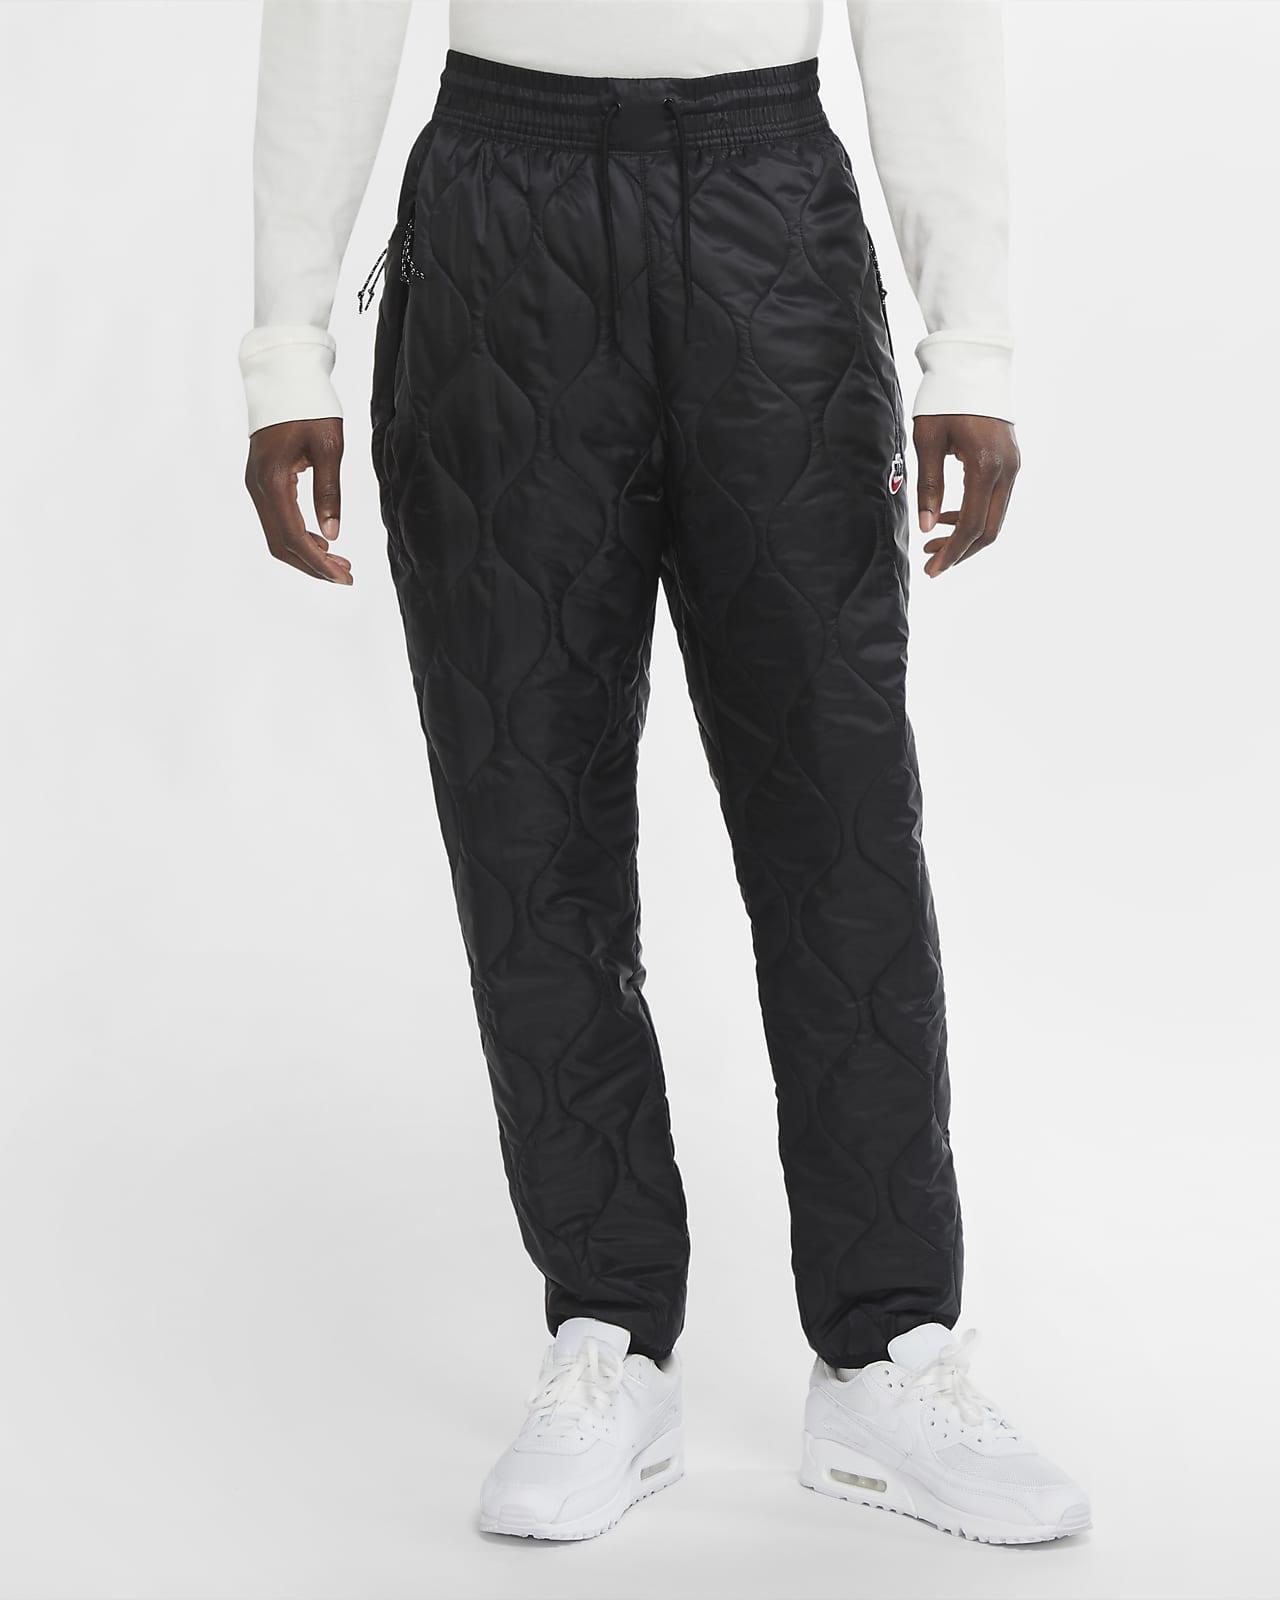 Nike Sportswear Heritage Pantalón para el invierno - Hombre